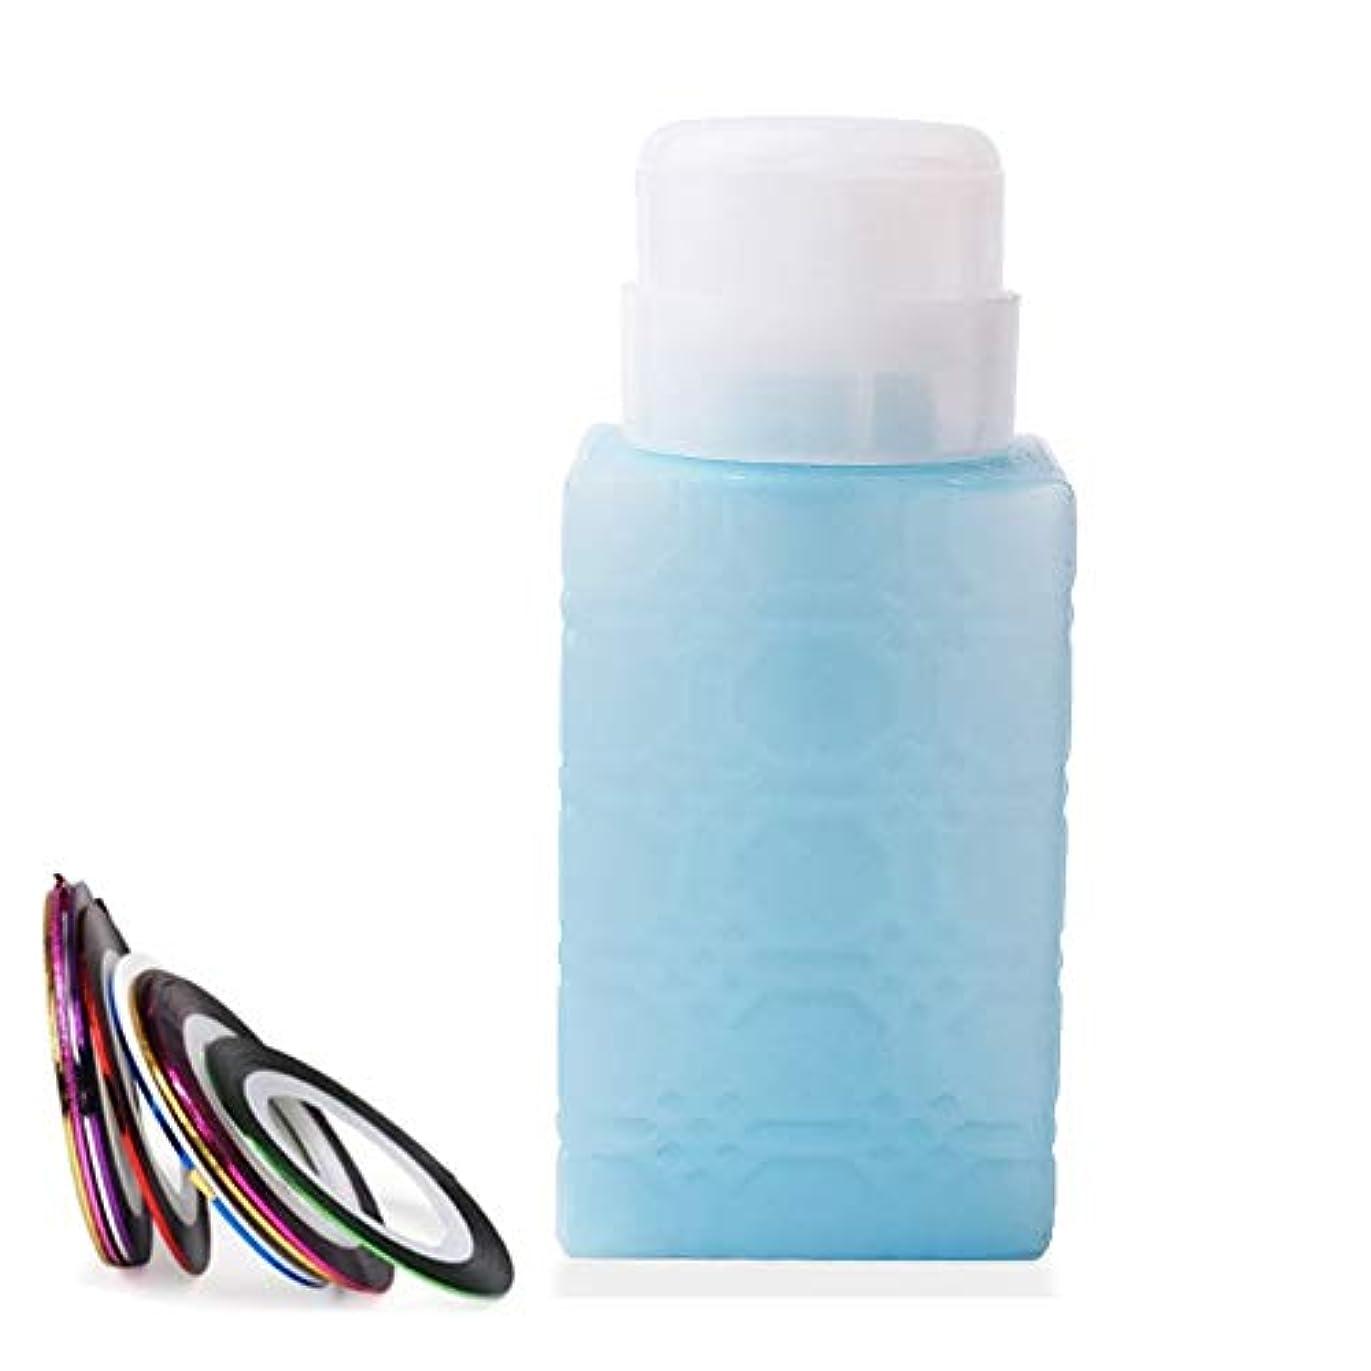 空ポンプボトル ポンプディスペンサー ネイルワイプ瓶 ジュルクリーナー ジュルリムーバー 可愛い (ブルー)